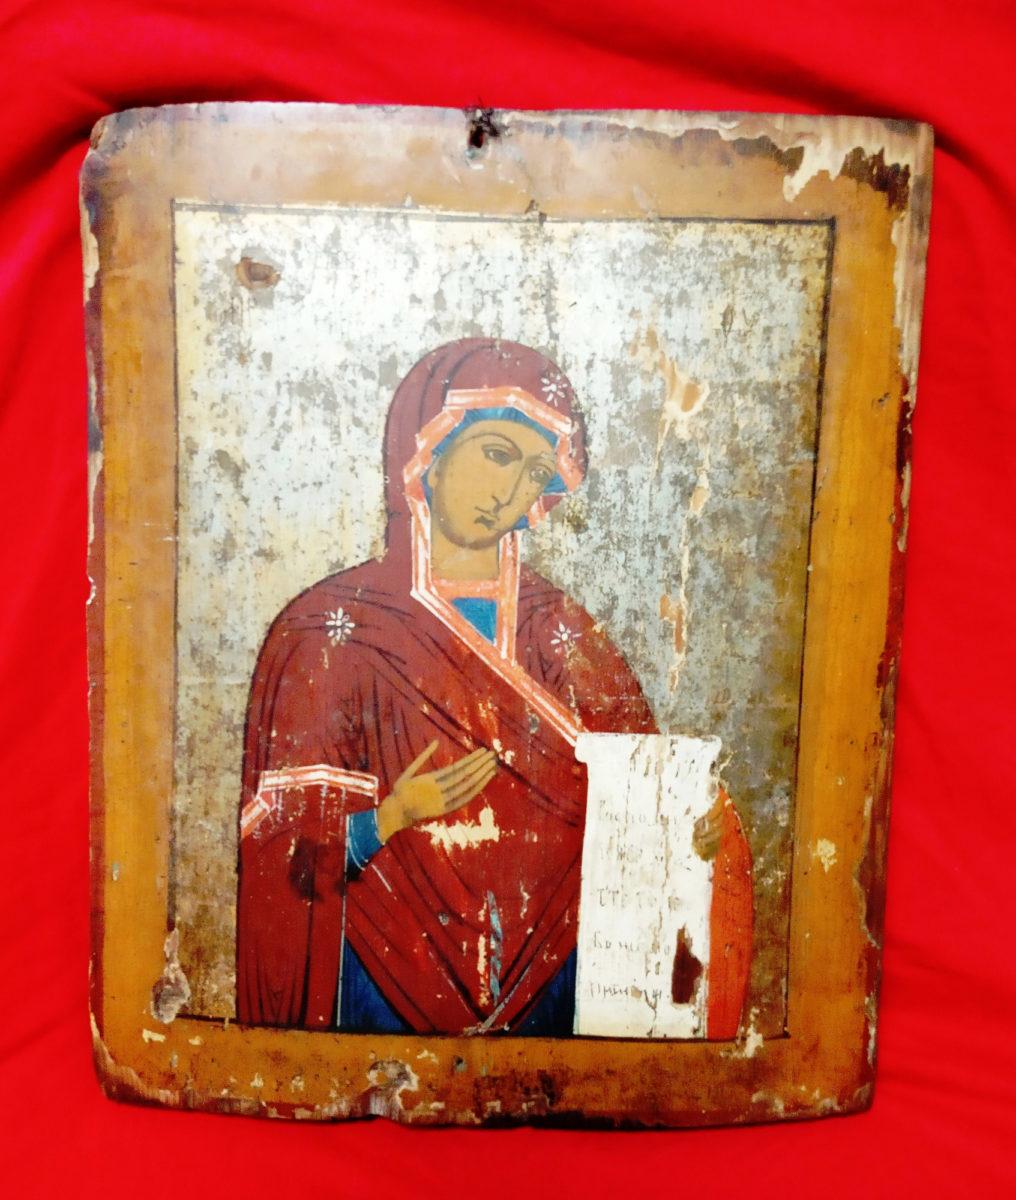 Φορητή εικόνα της Παναγίας με ειλητό που έχει σλαβικές και ελληνικές επιγραφές (φωτ.: Ελληνική Αστυνομία).